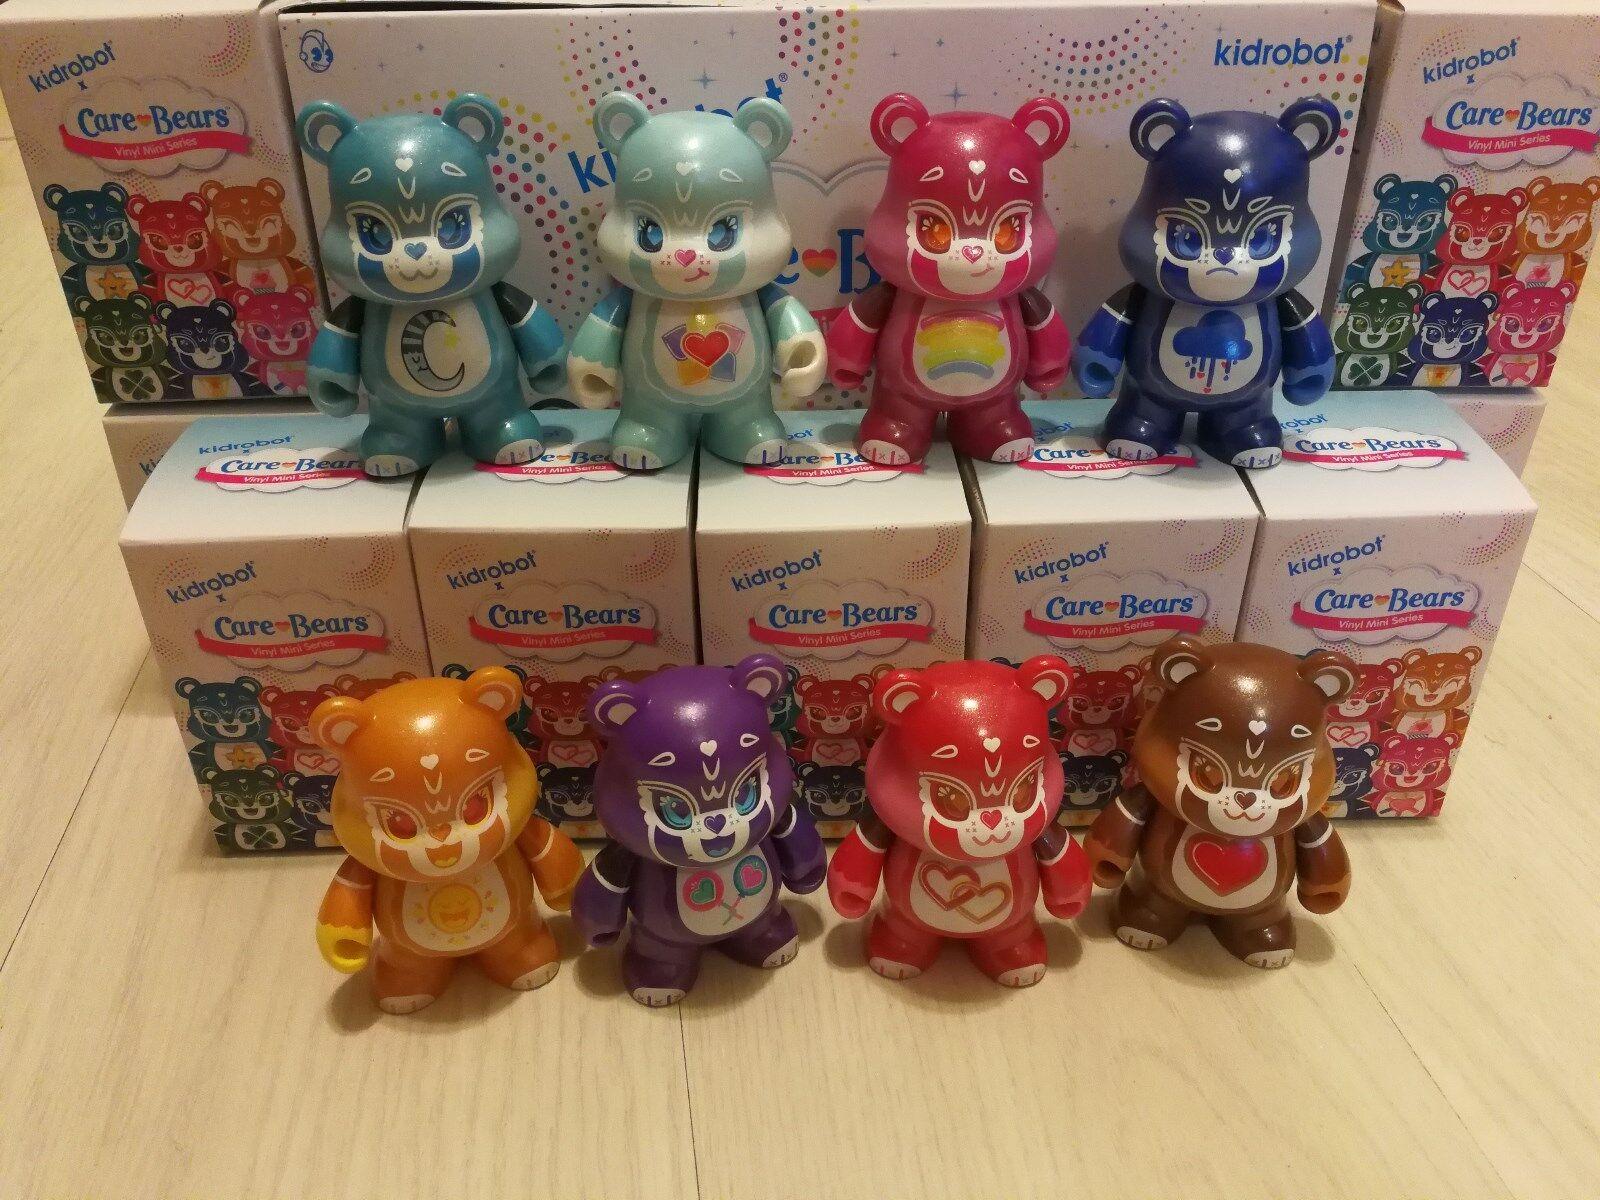 Kidrobot 3  Care Bears Mini Series - 8pcs Set